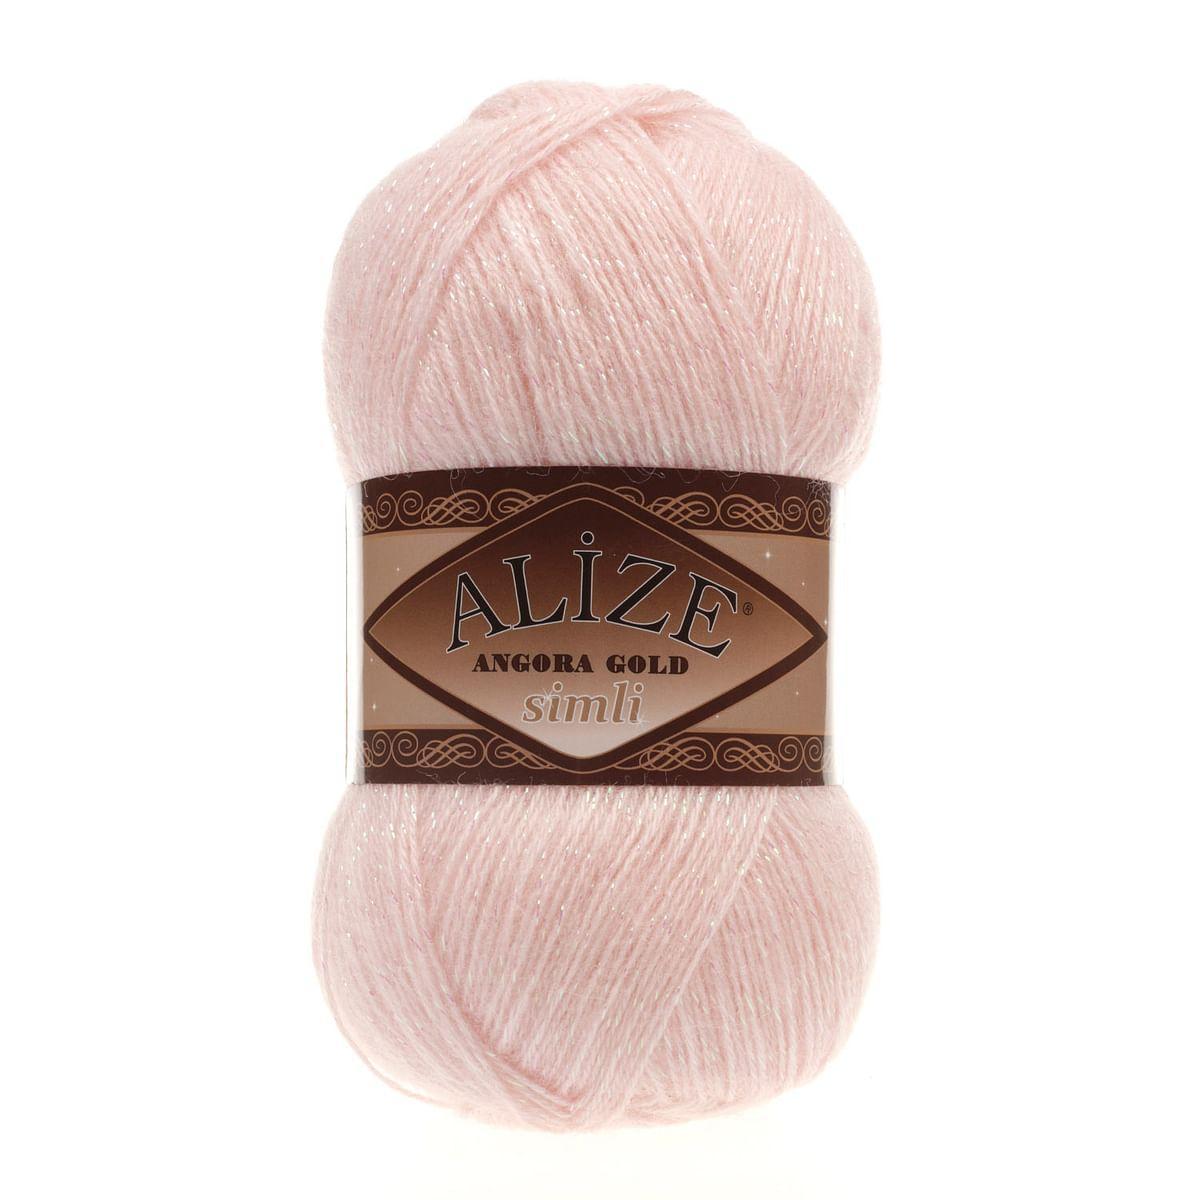 ANGORA GOLD SIMLI 271 жемчужно-розовый - 20% шерсть, 5% металлик, 75% акрил